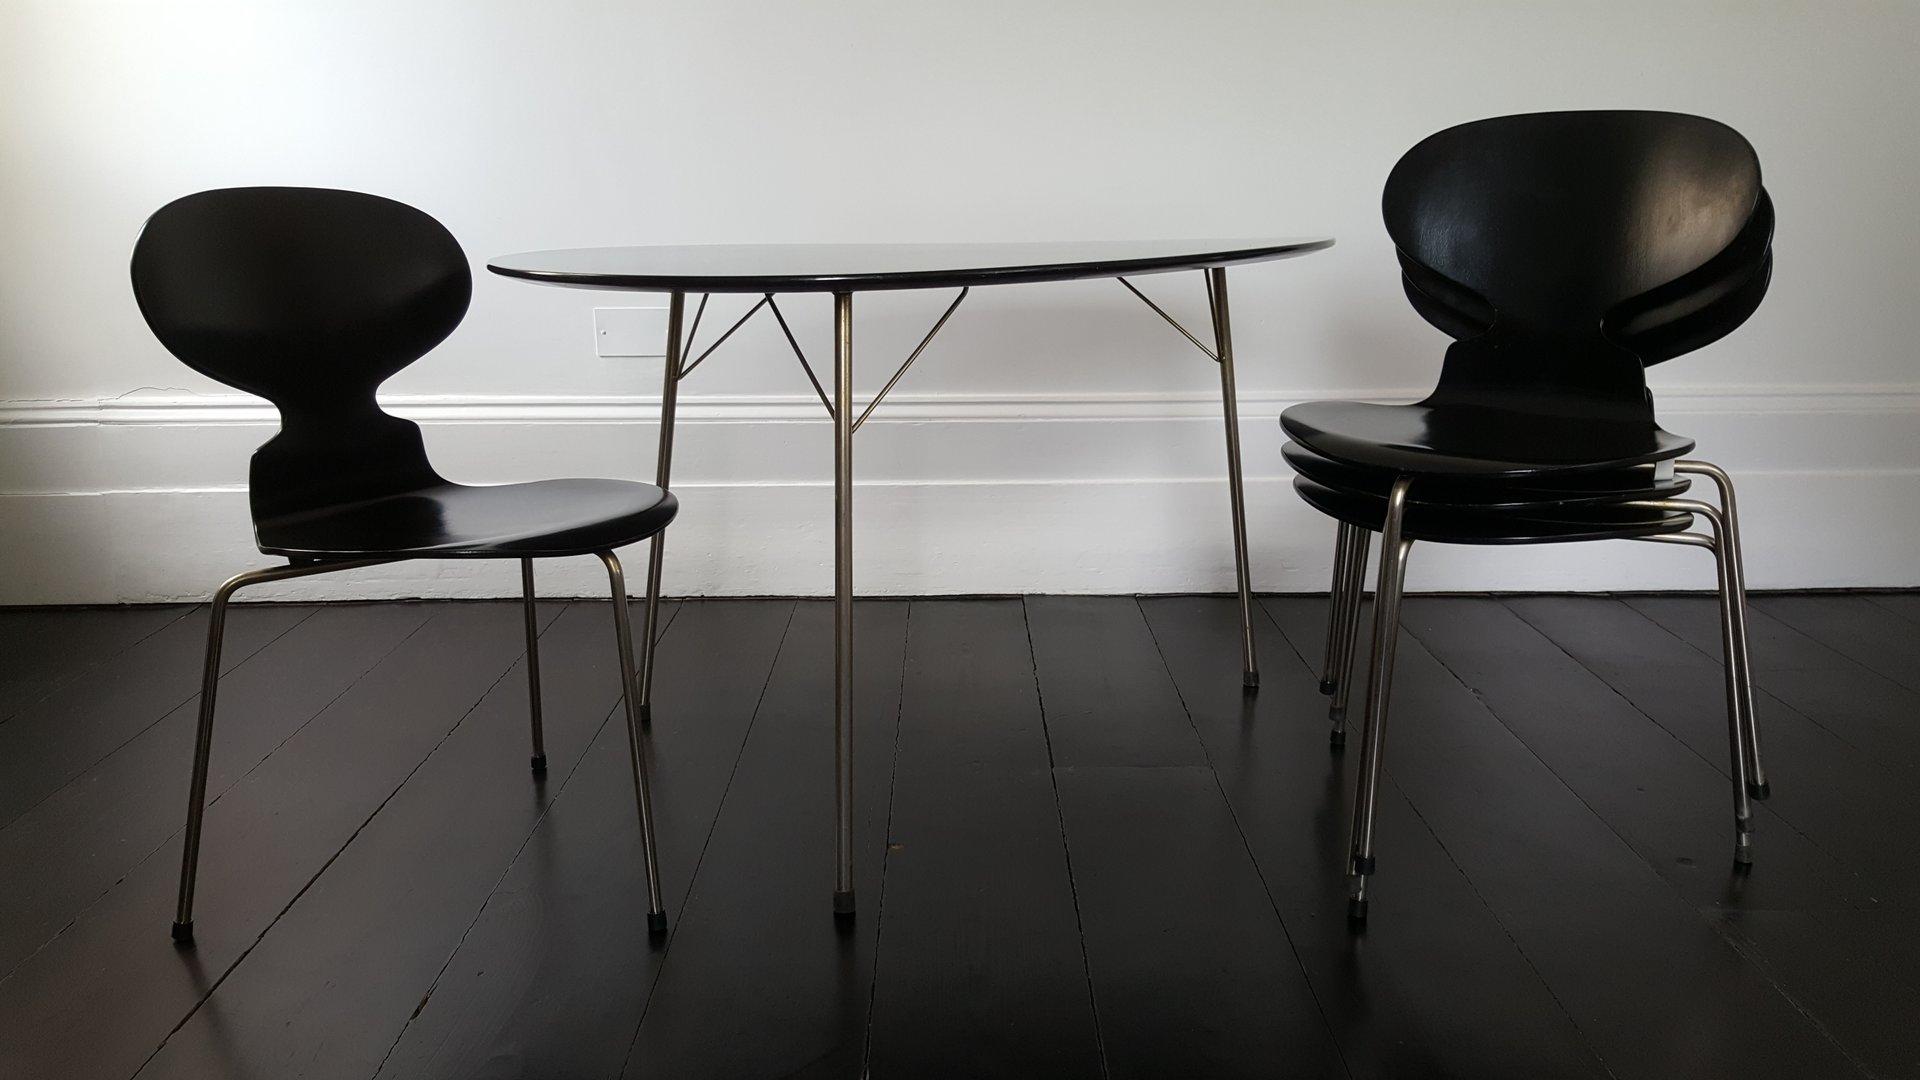 egg tisch ant st hle esszimmer set von arne jacobsen f r fritz hansen 1950er bei pamono kaufen. Black Bedroom Furniture Sets. Home Design Ideas